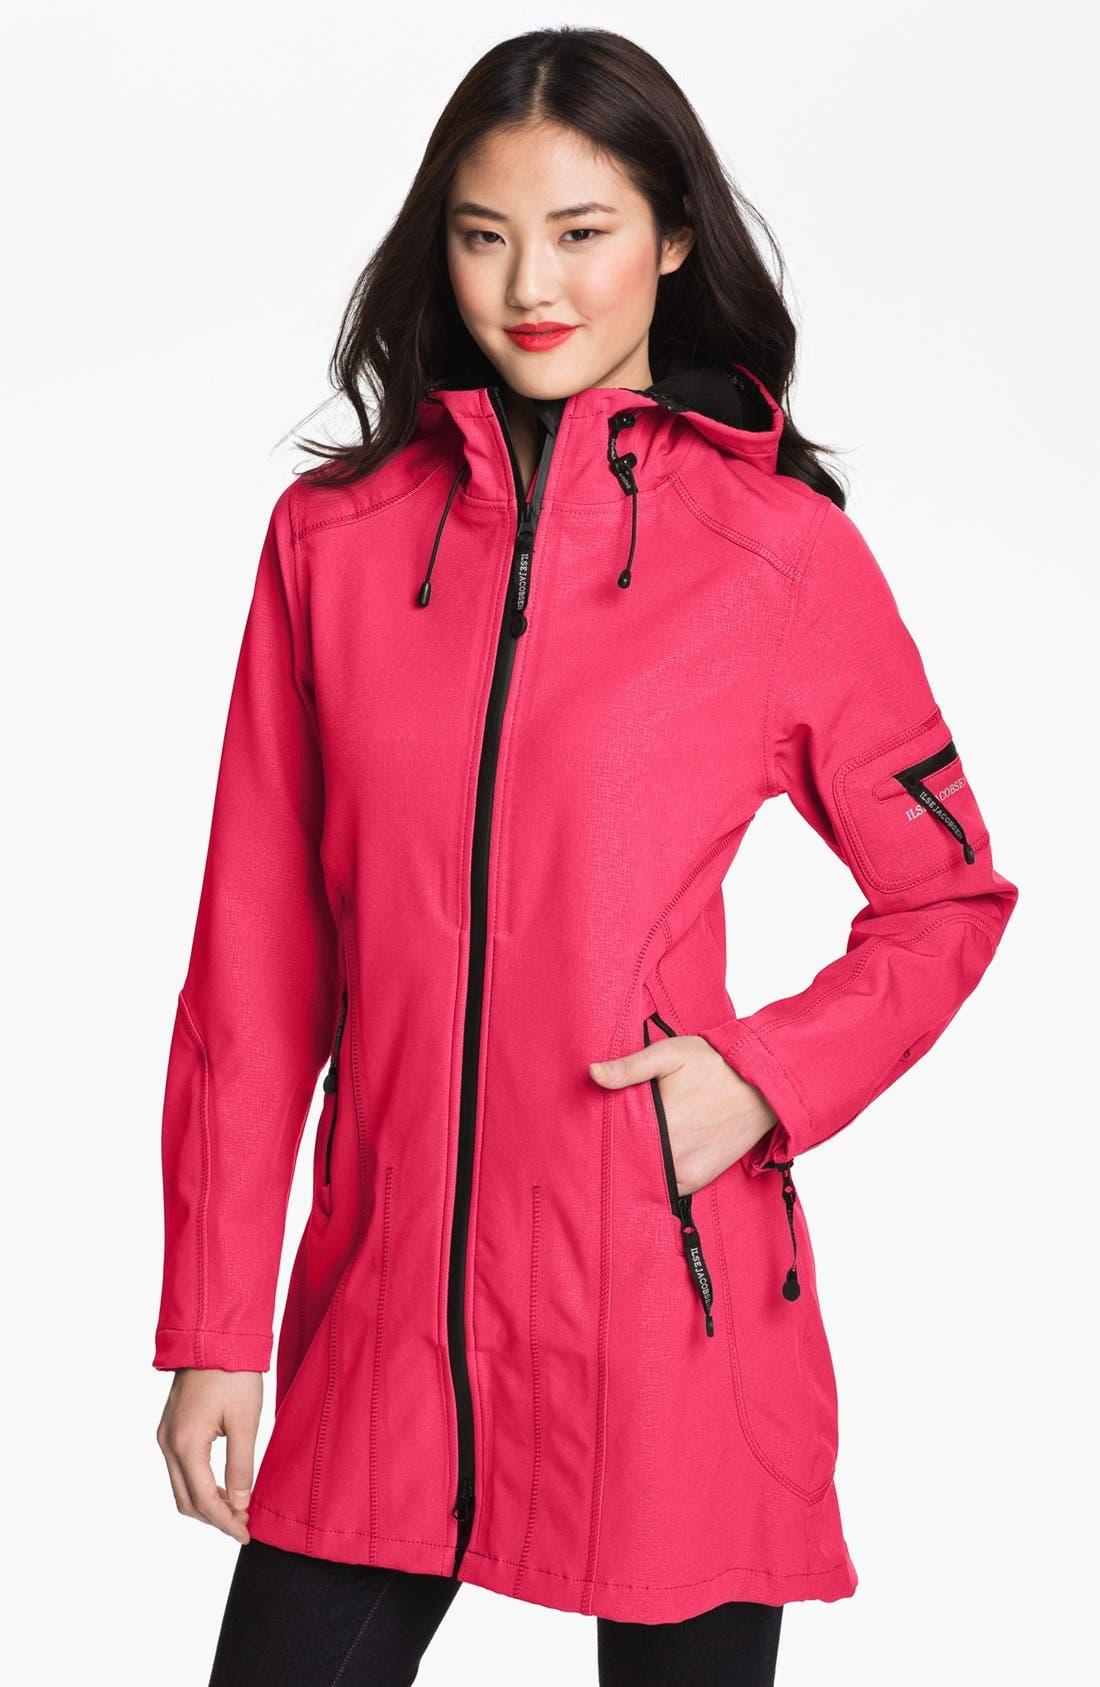 Ilse Jacobsen Rain 7 Hooded Water Resistant Coat